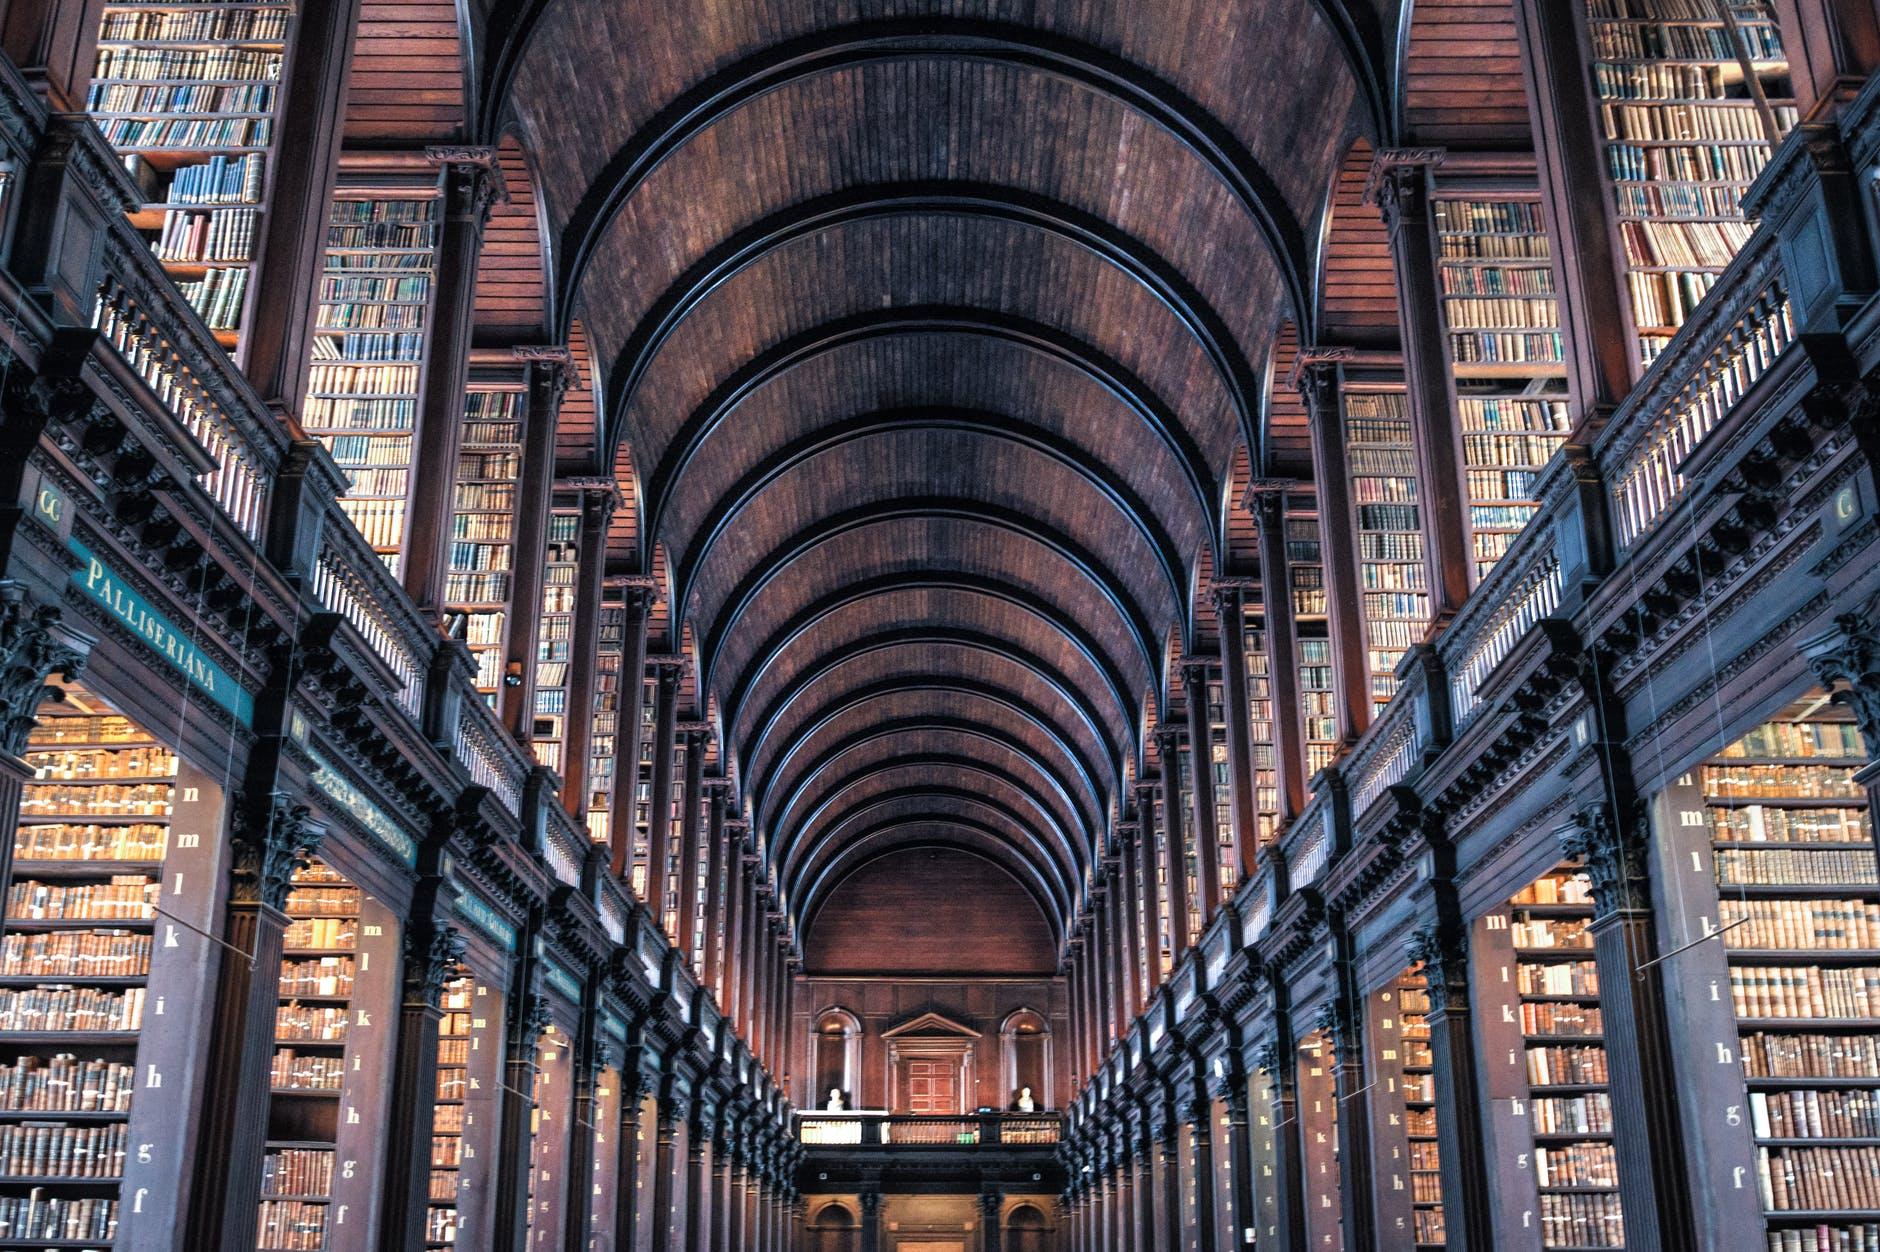 Bublioteka - ciekawostki na temat ksiązek